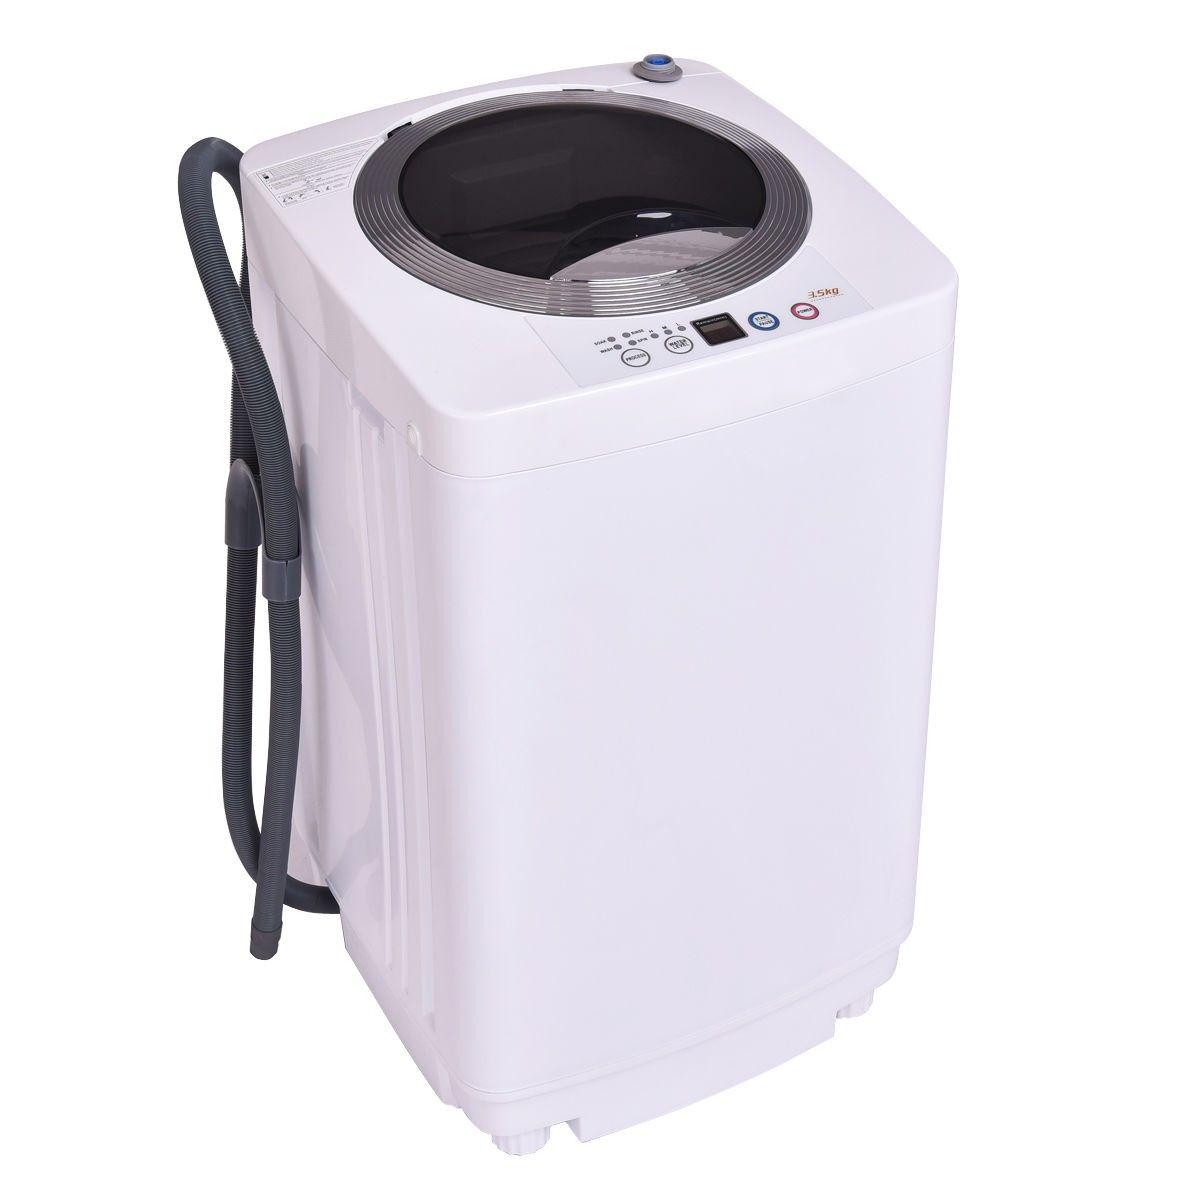 7 7 Lbs Automatic Laundry Washing Machine Mini Washing Machine Portable Washing Machine Portable Washer